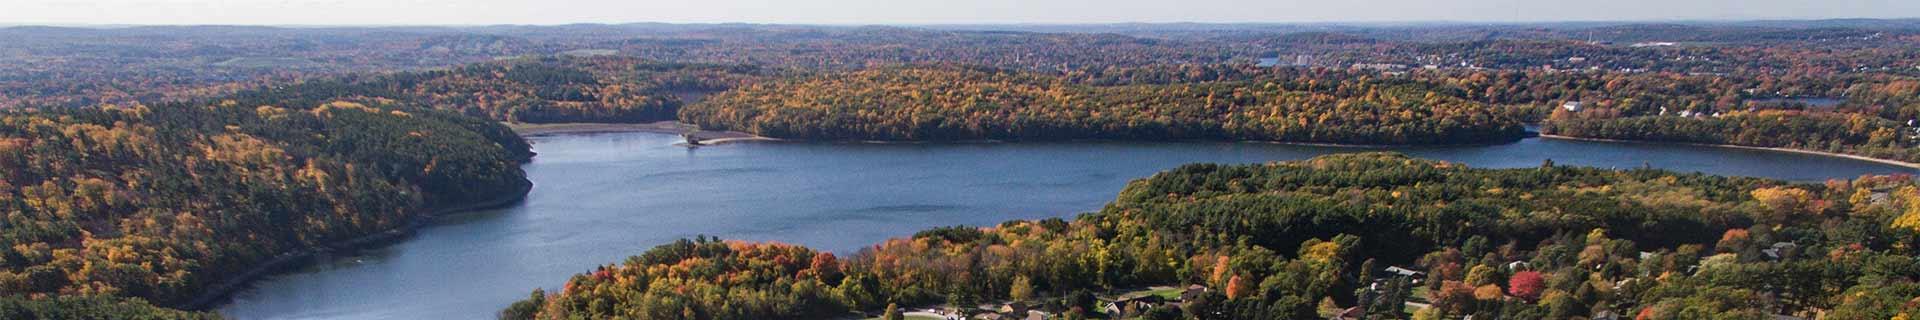 Kenoza lake